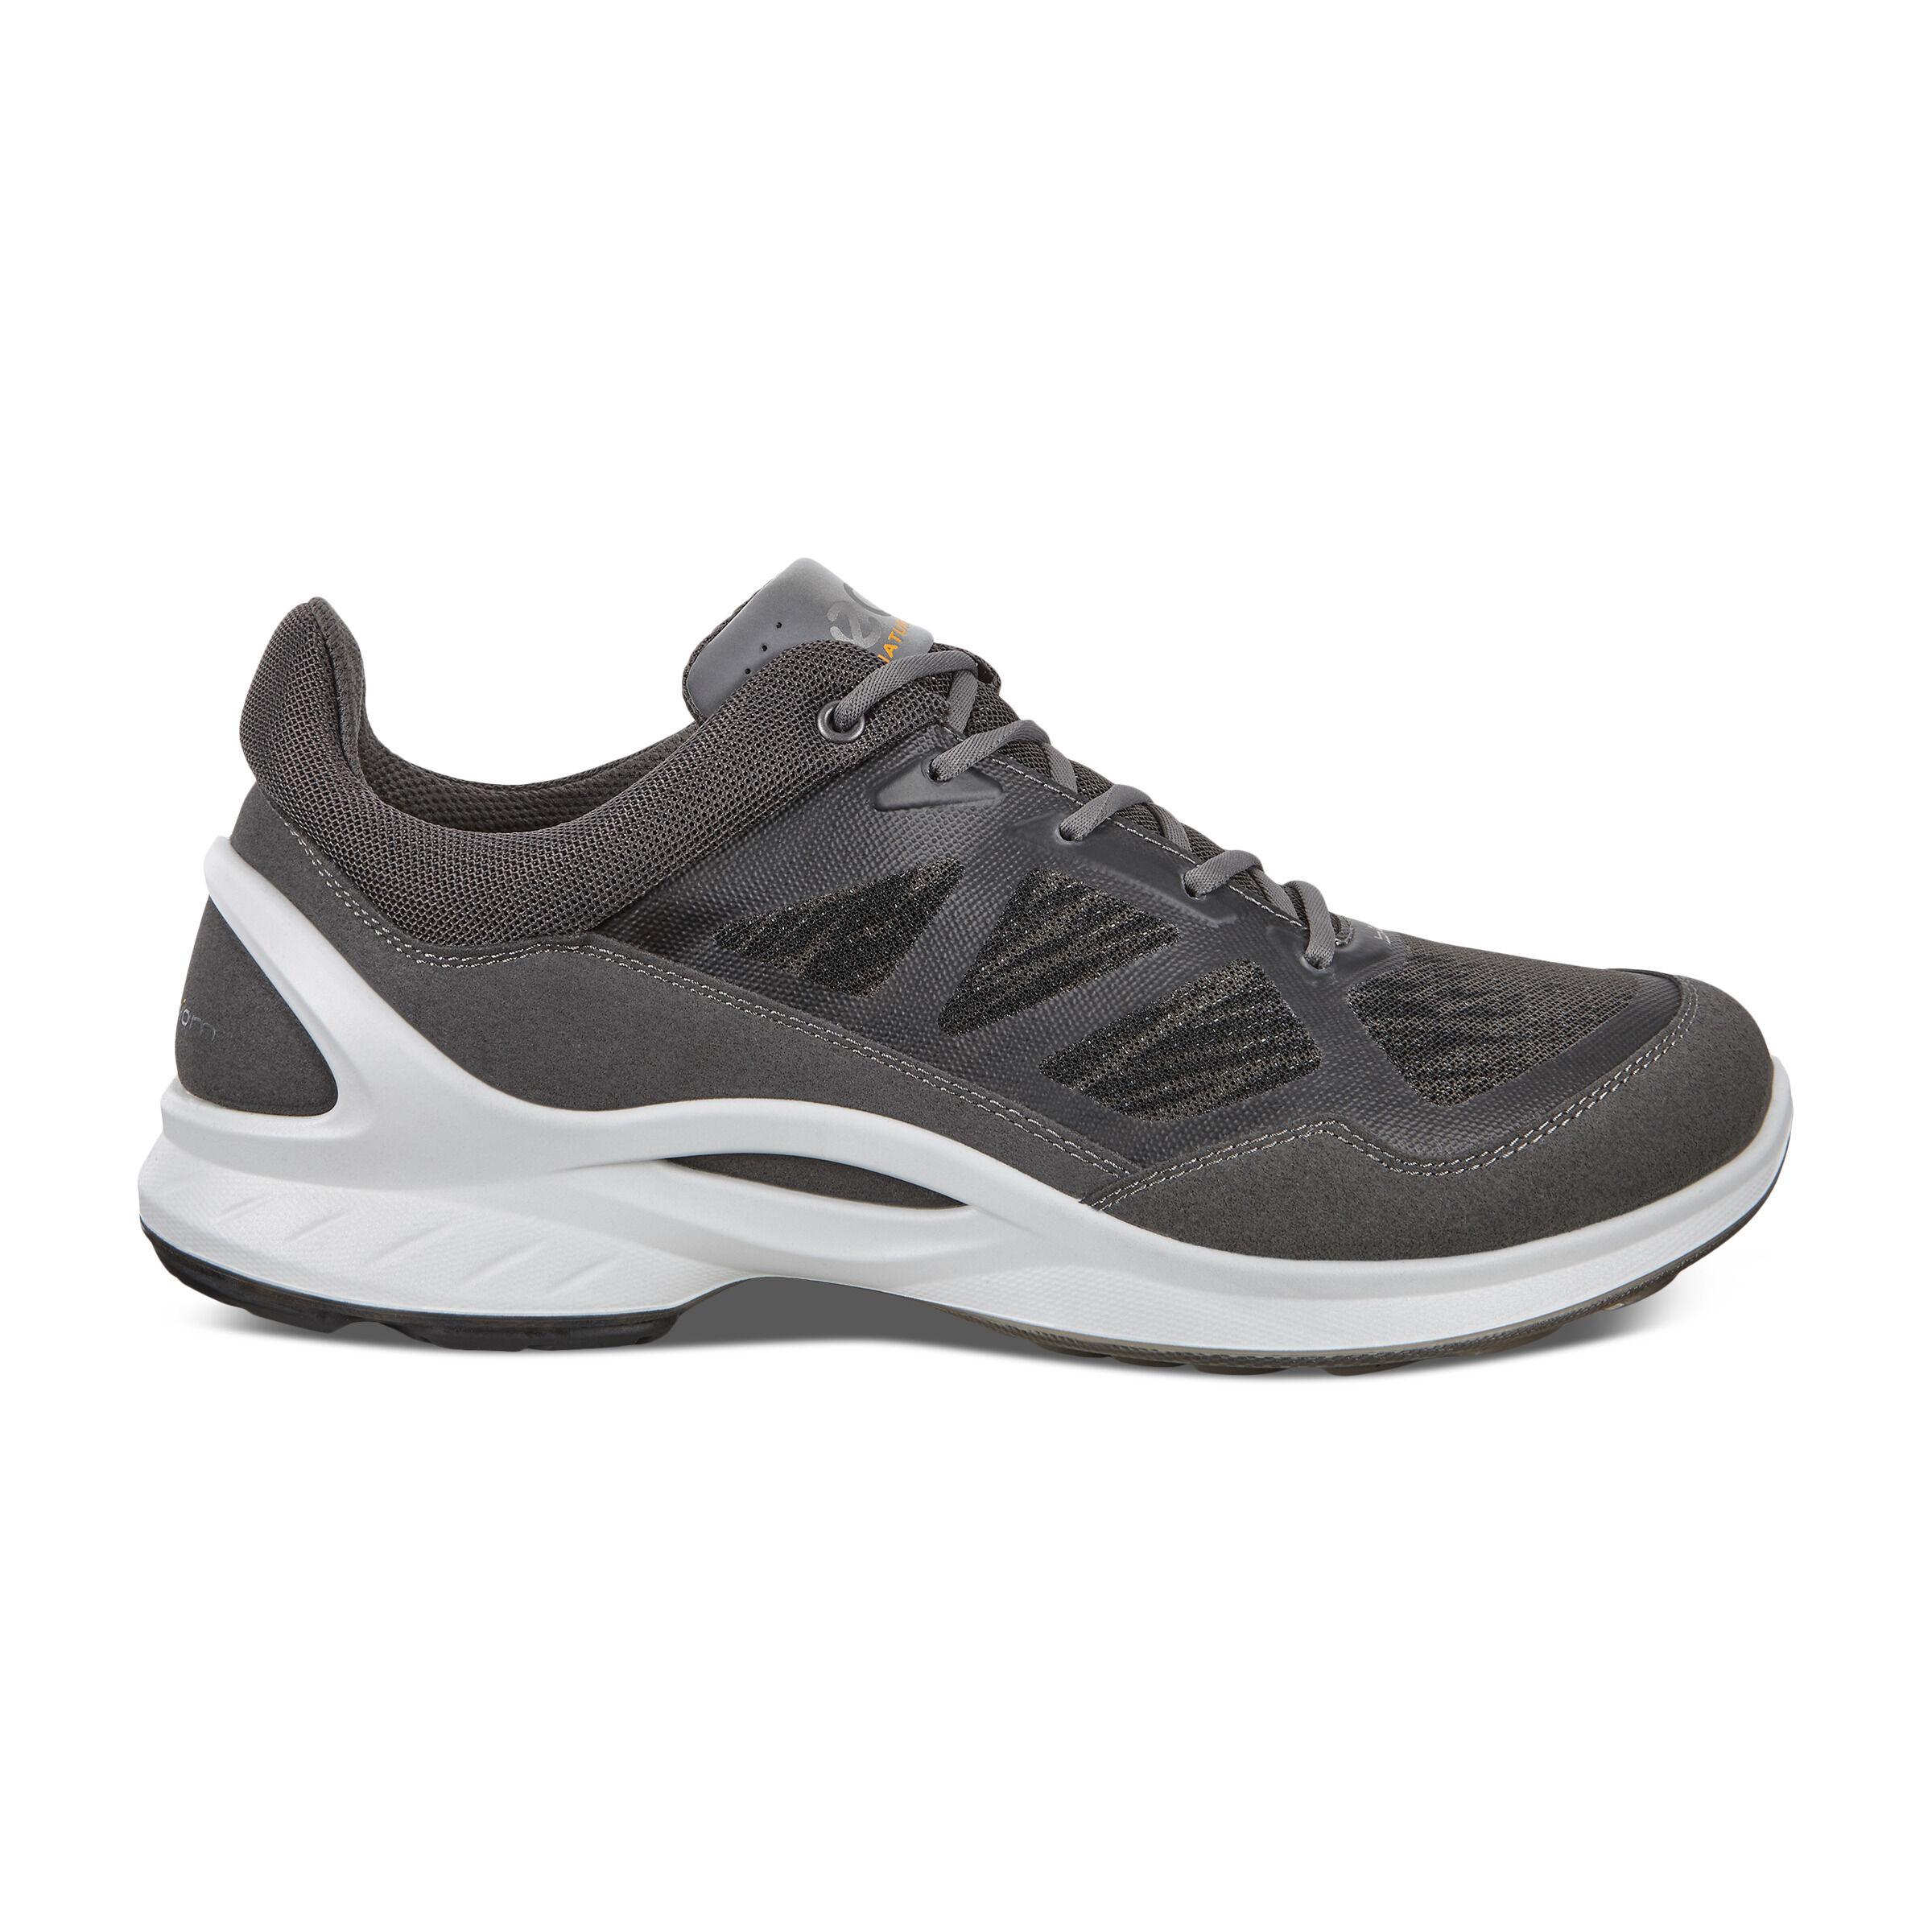 ECCO BIOM Fjuel M Outdoor Shoe Sneakers Size 10/10.5 Dark Shadow